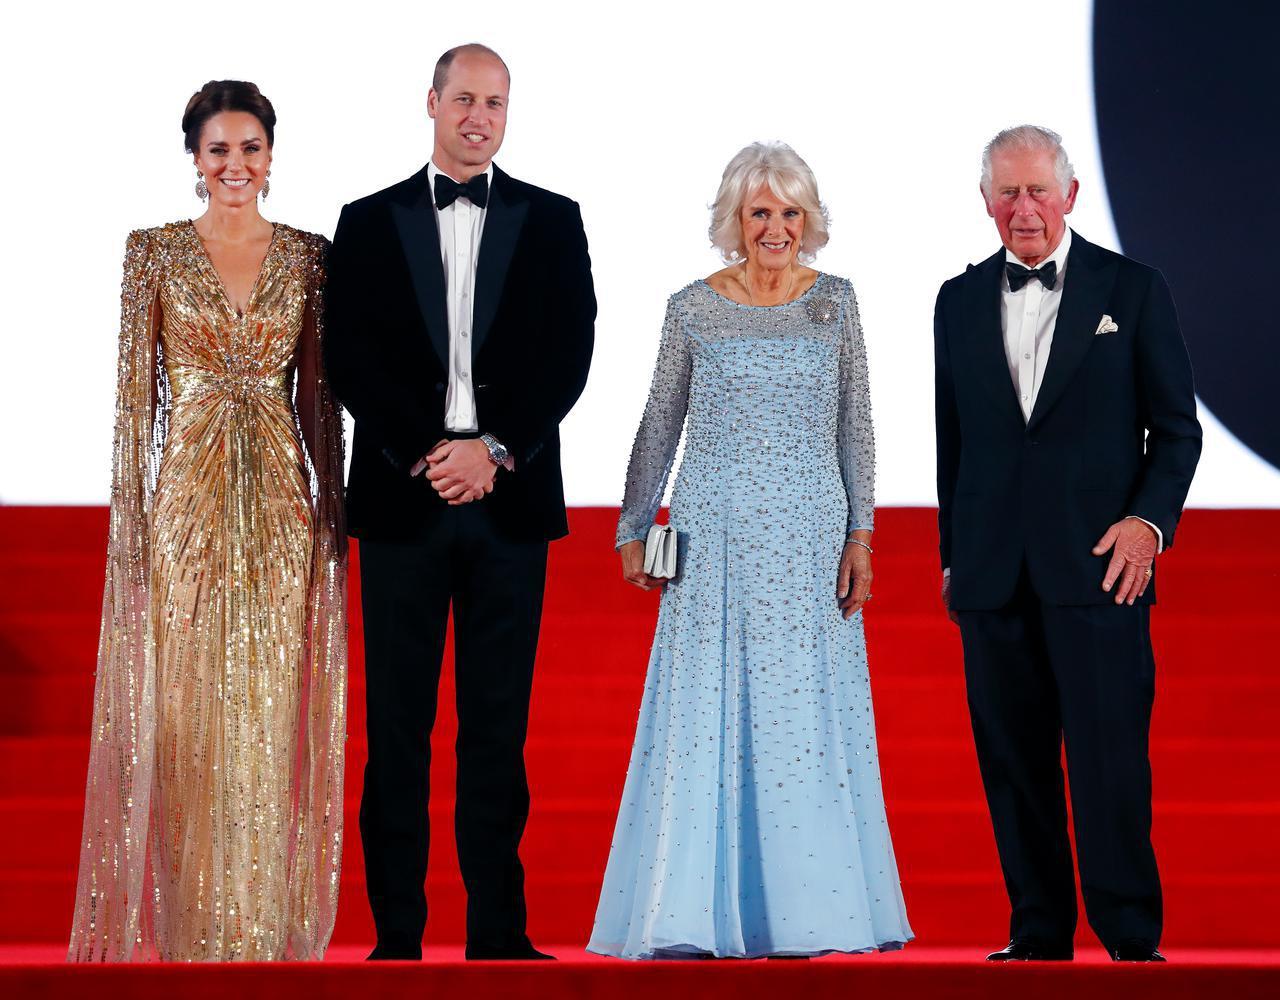 画像2: 『007/ノー・タイム・トゥ・ダイ』のプレミアにキャストが集結